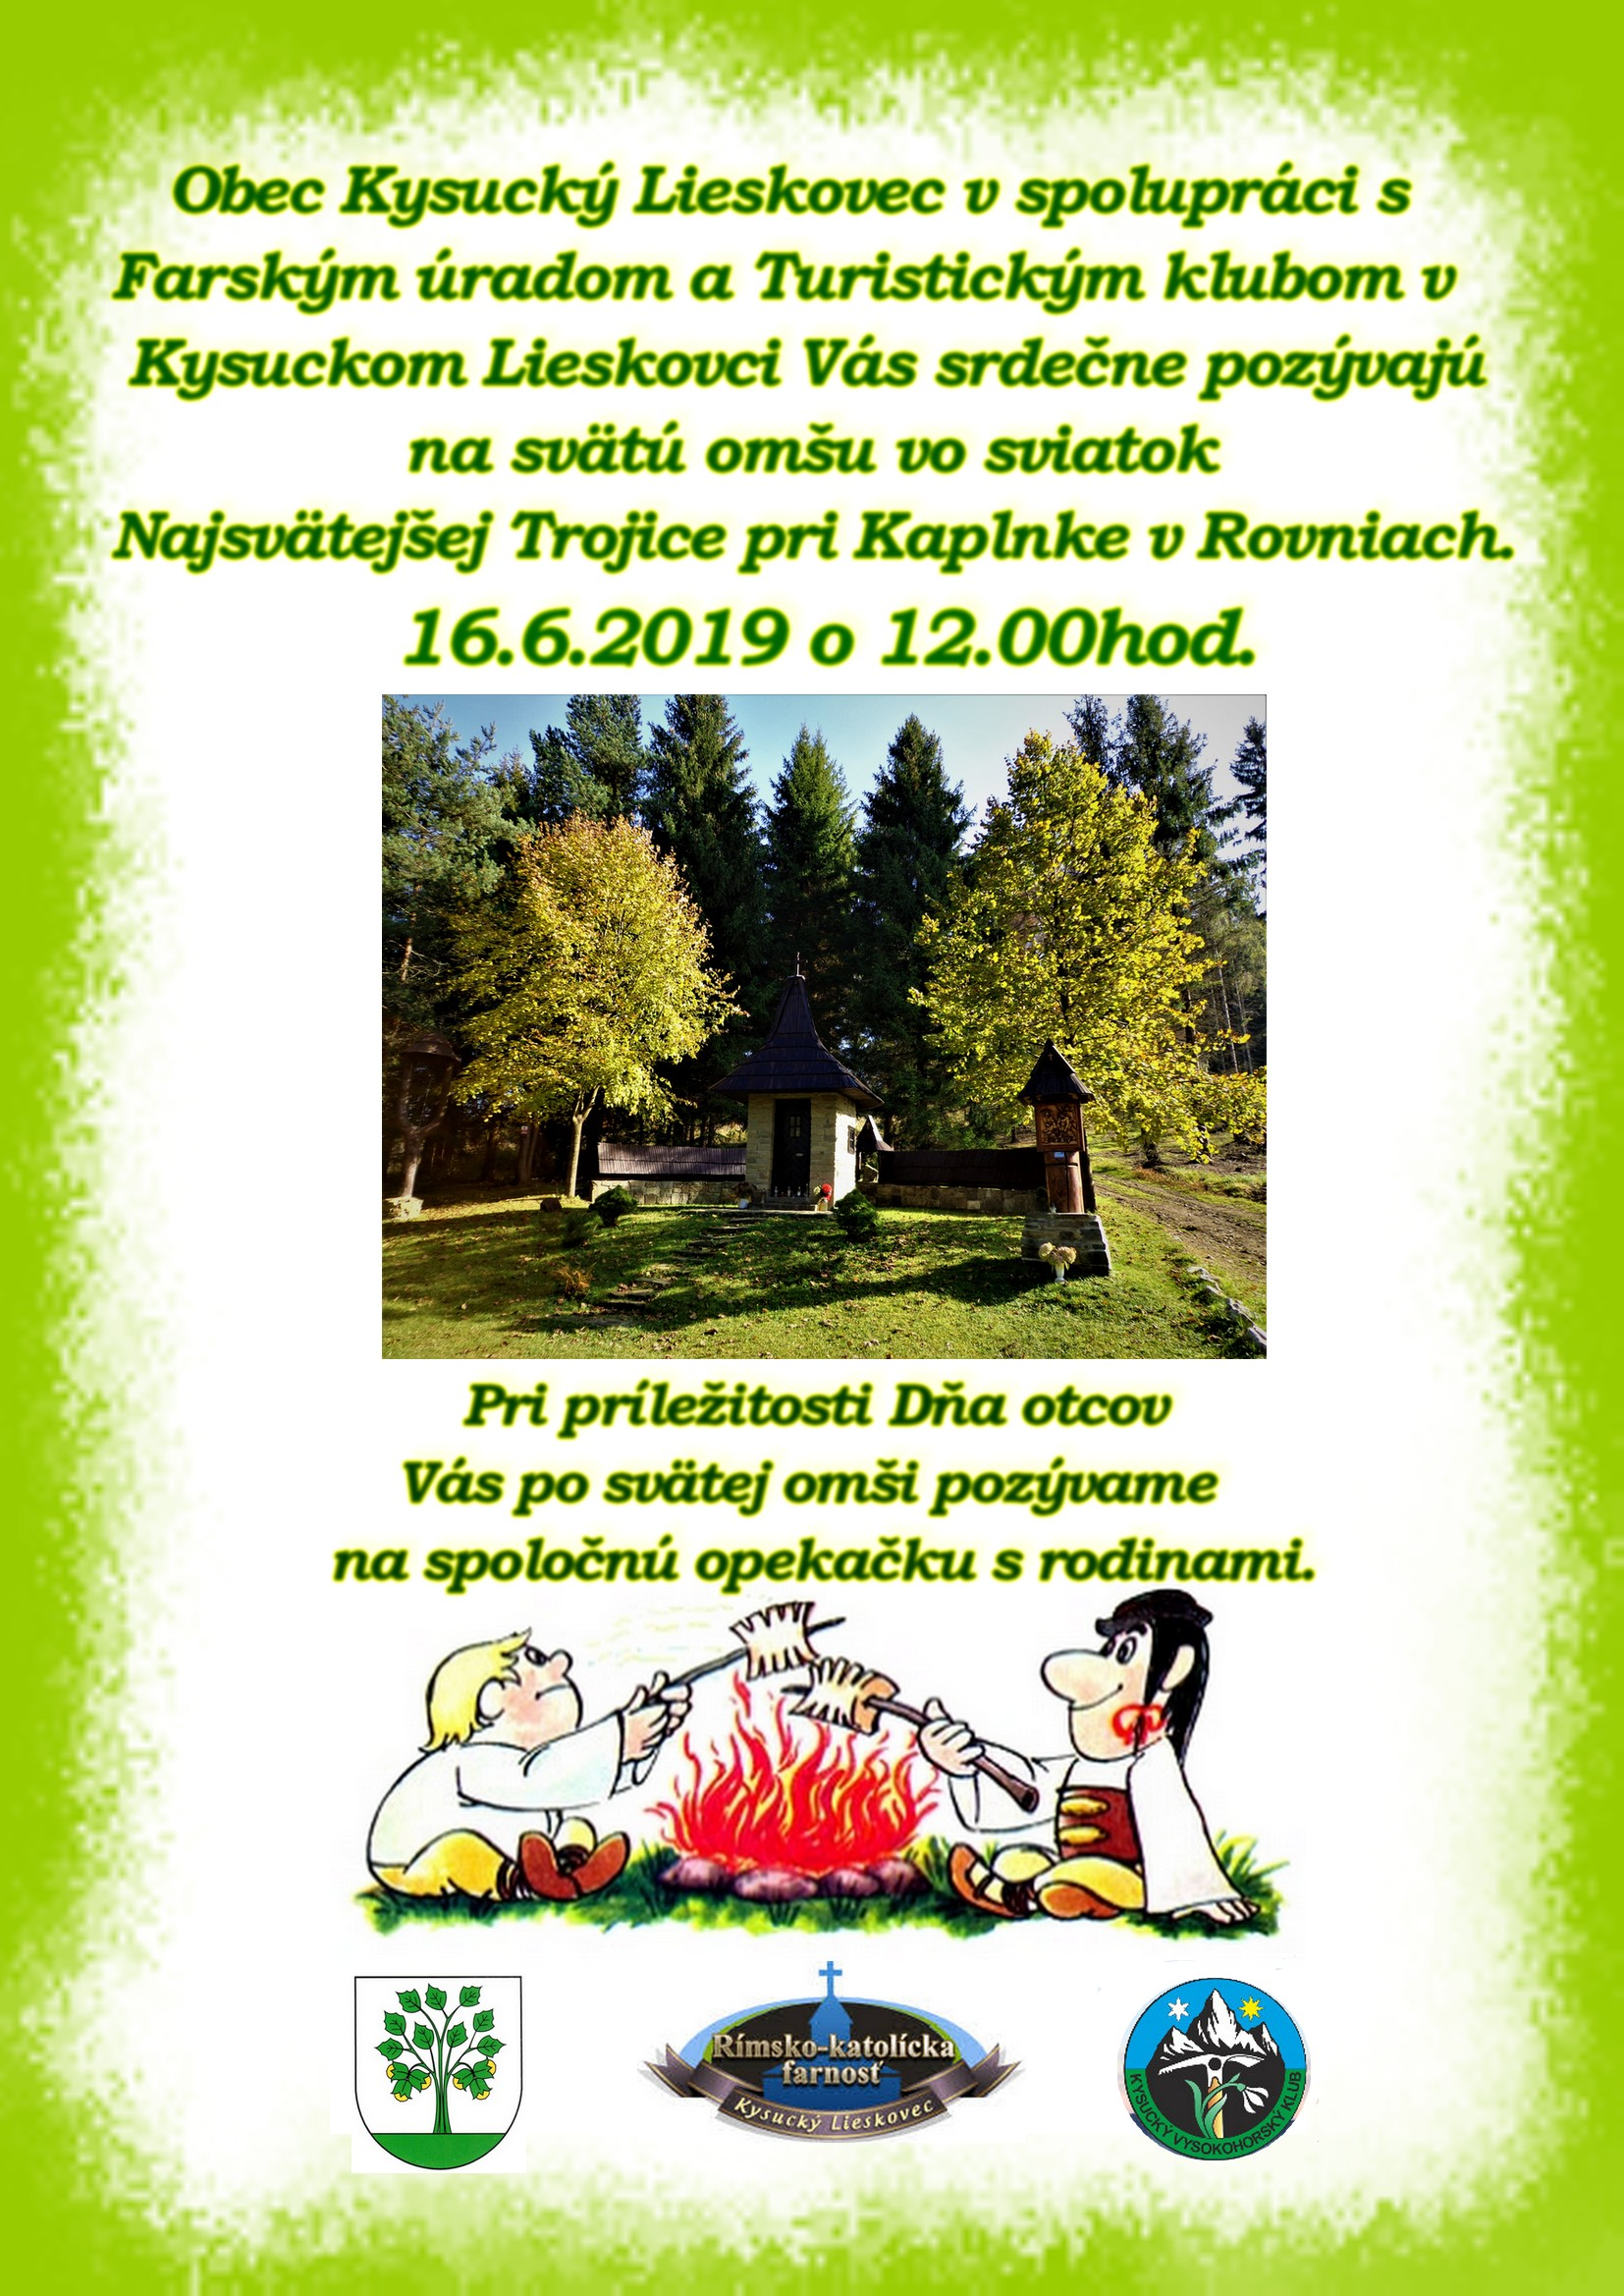 Das Dorf Kysucký Lieskovec in Zusammenarbeit mit dem Pfarramt und Touring Club in Kysucký Lieskovec laden Sie zur Messe in der Feier der heiligsten Dreifaltigkeit Kapelle am geraden. 16. Juni 2019 um 12:00 Uhr